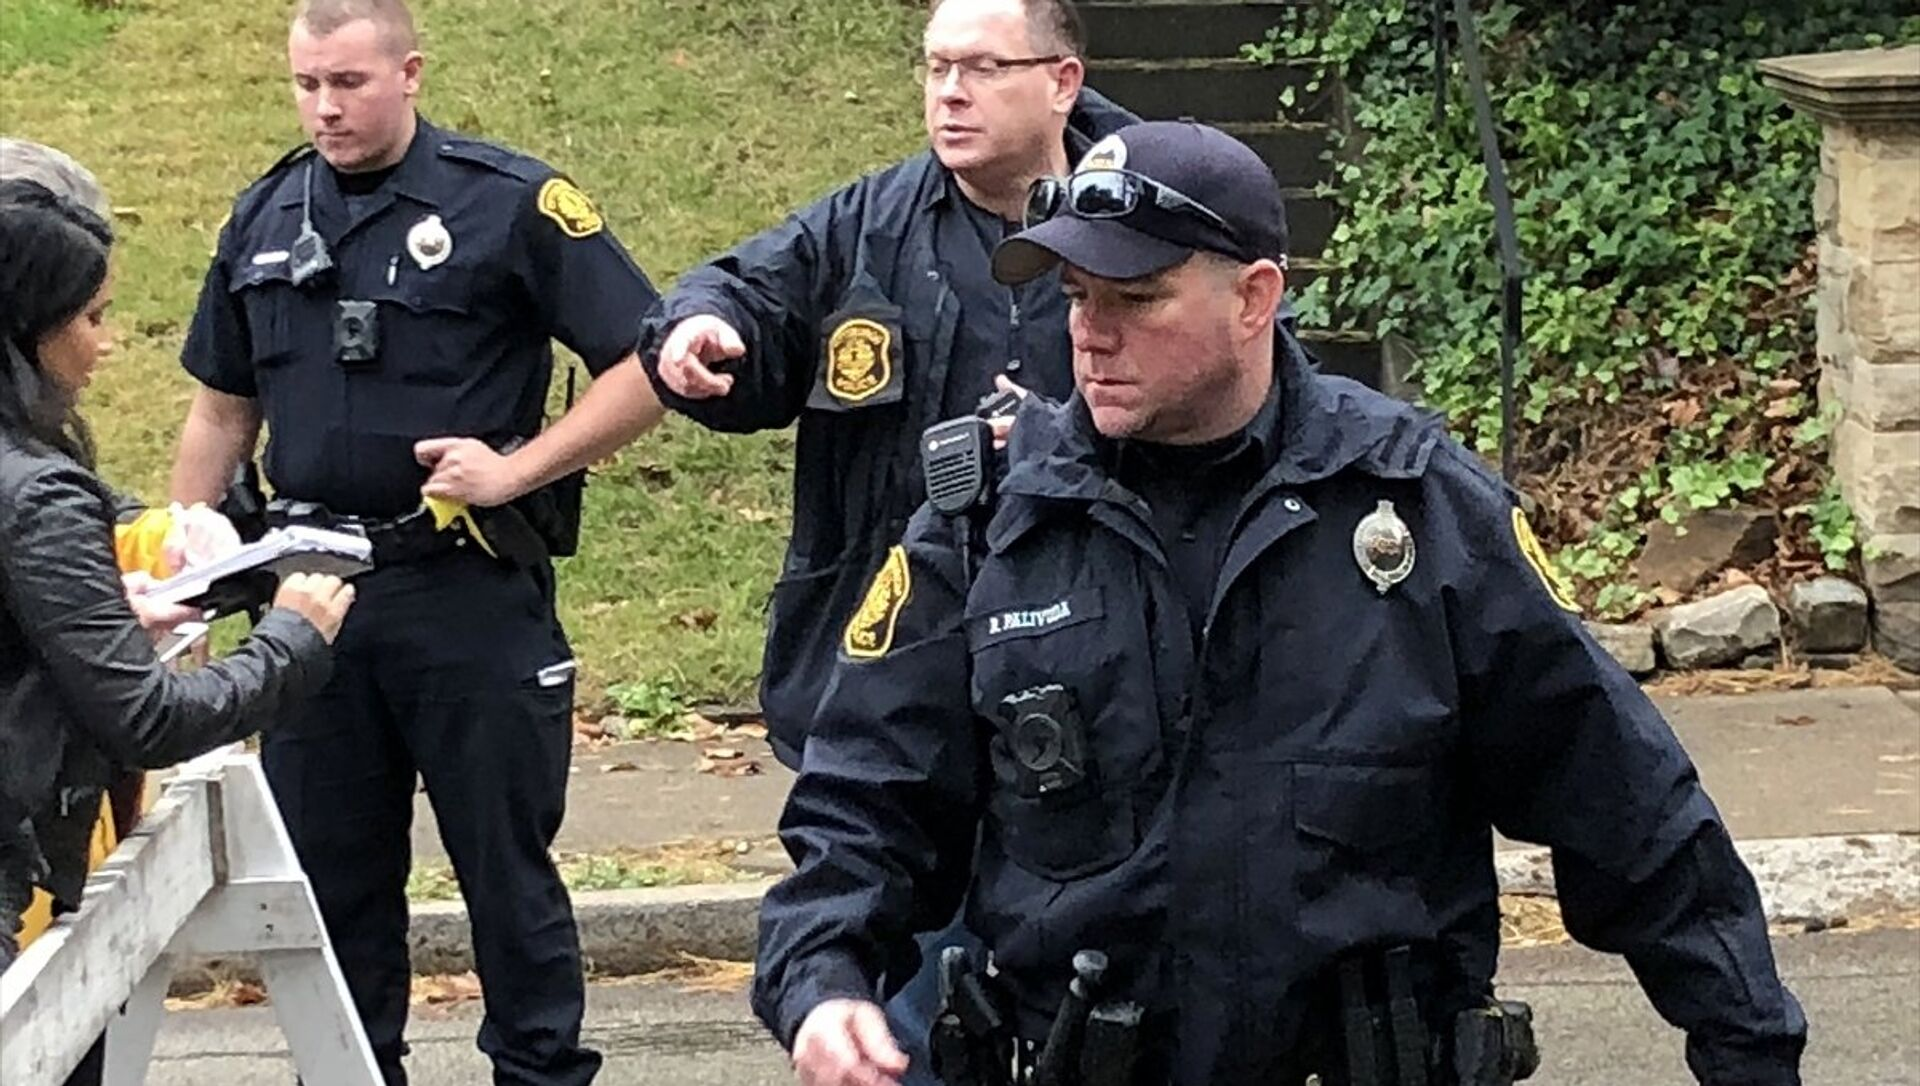 ABD'nin Pennsylvania eyaletinin Pittsburgh kentindeki bir sinagoga silahlı saldırı düzenlendi. - Sputnik Türkiye, 1920, 27.04.2021